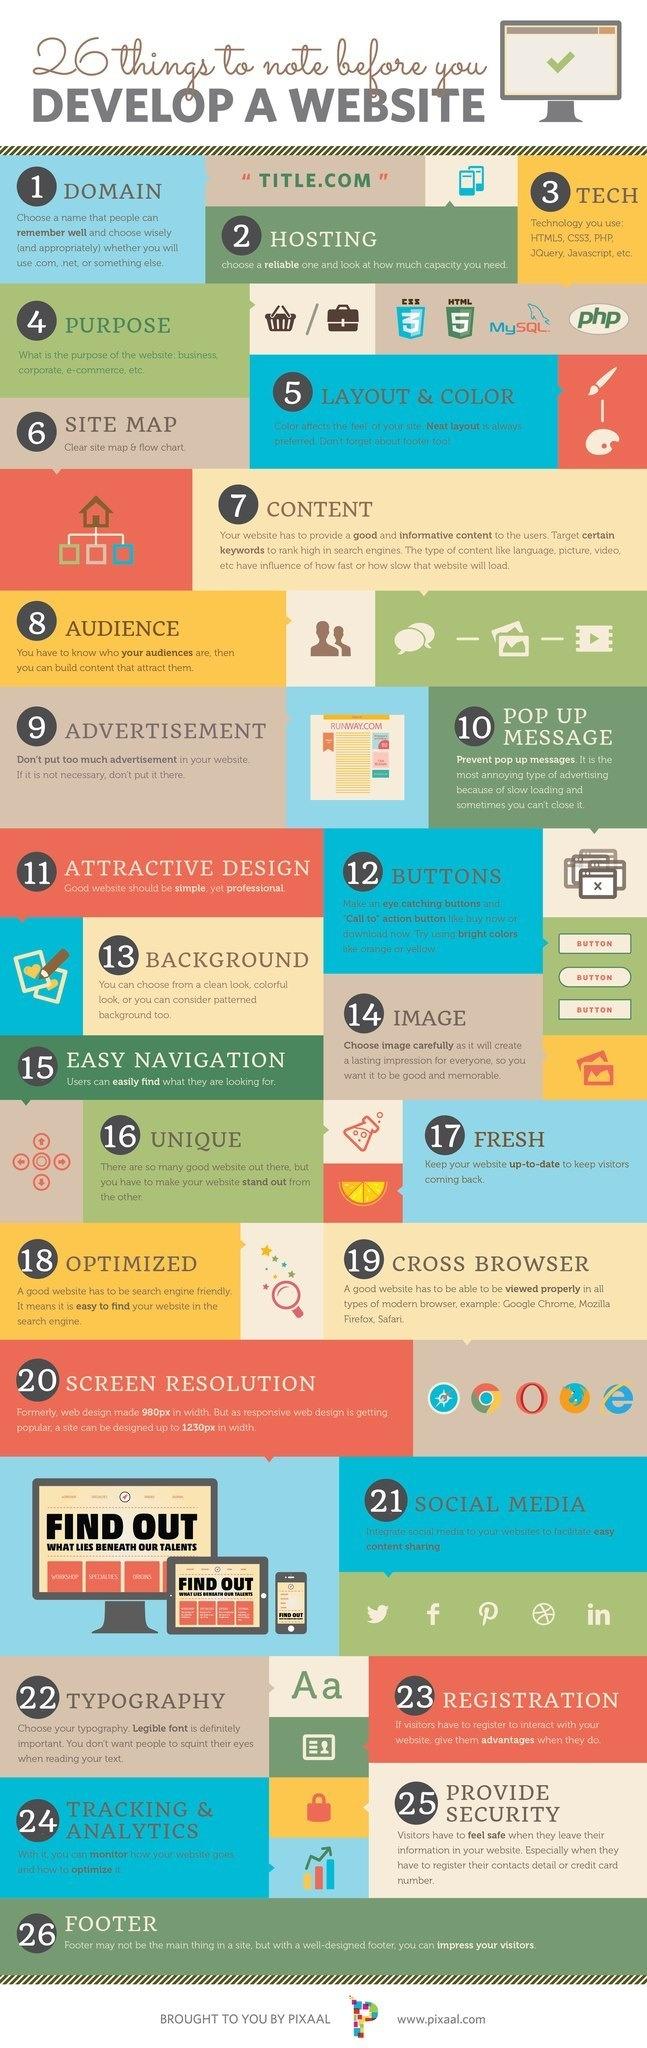 Si eres desarrollador web o diseñador, sin duda ésta infografía te va a ayudar en más de una ocasión. Aquí tienes 26 cosas a tener en cuenta antes de desarrollar un proyecto web. ¡No te olvides de ninguno de ellos!